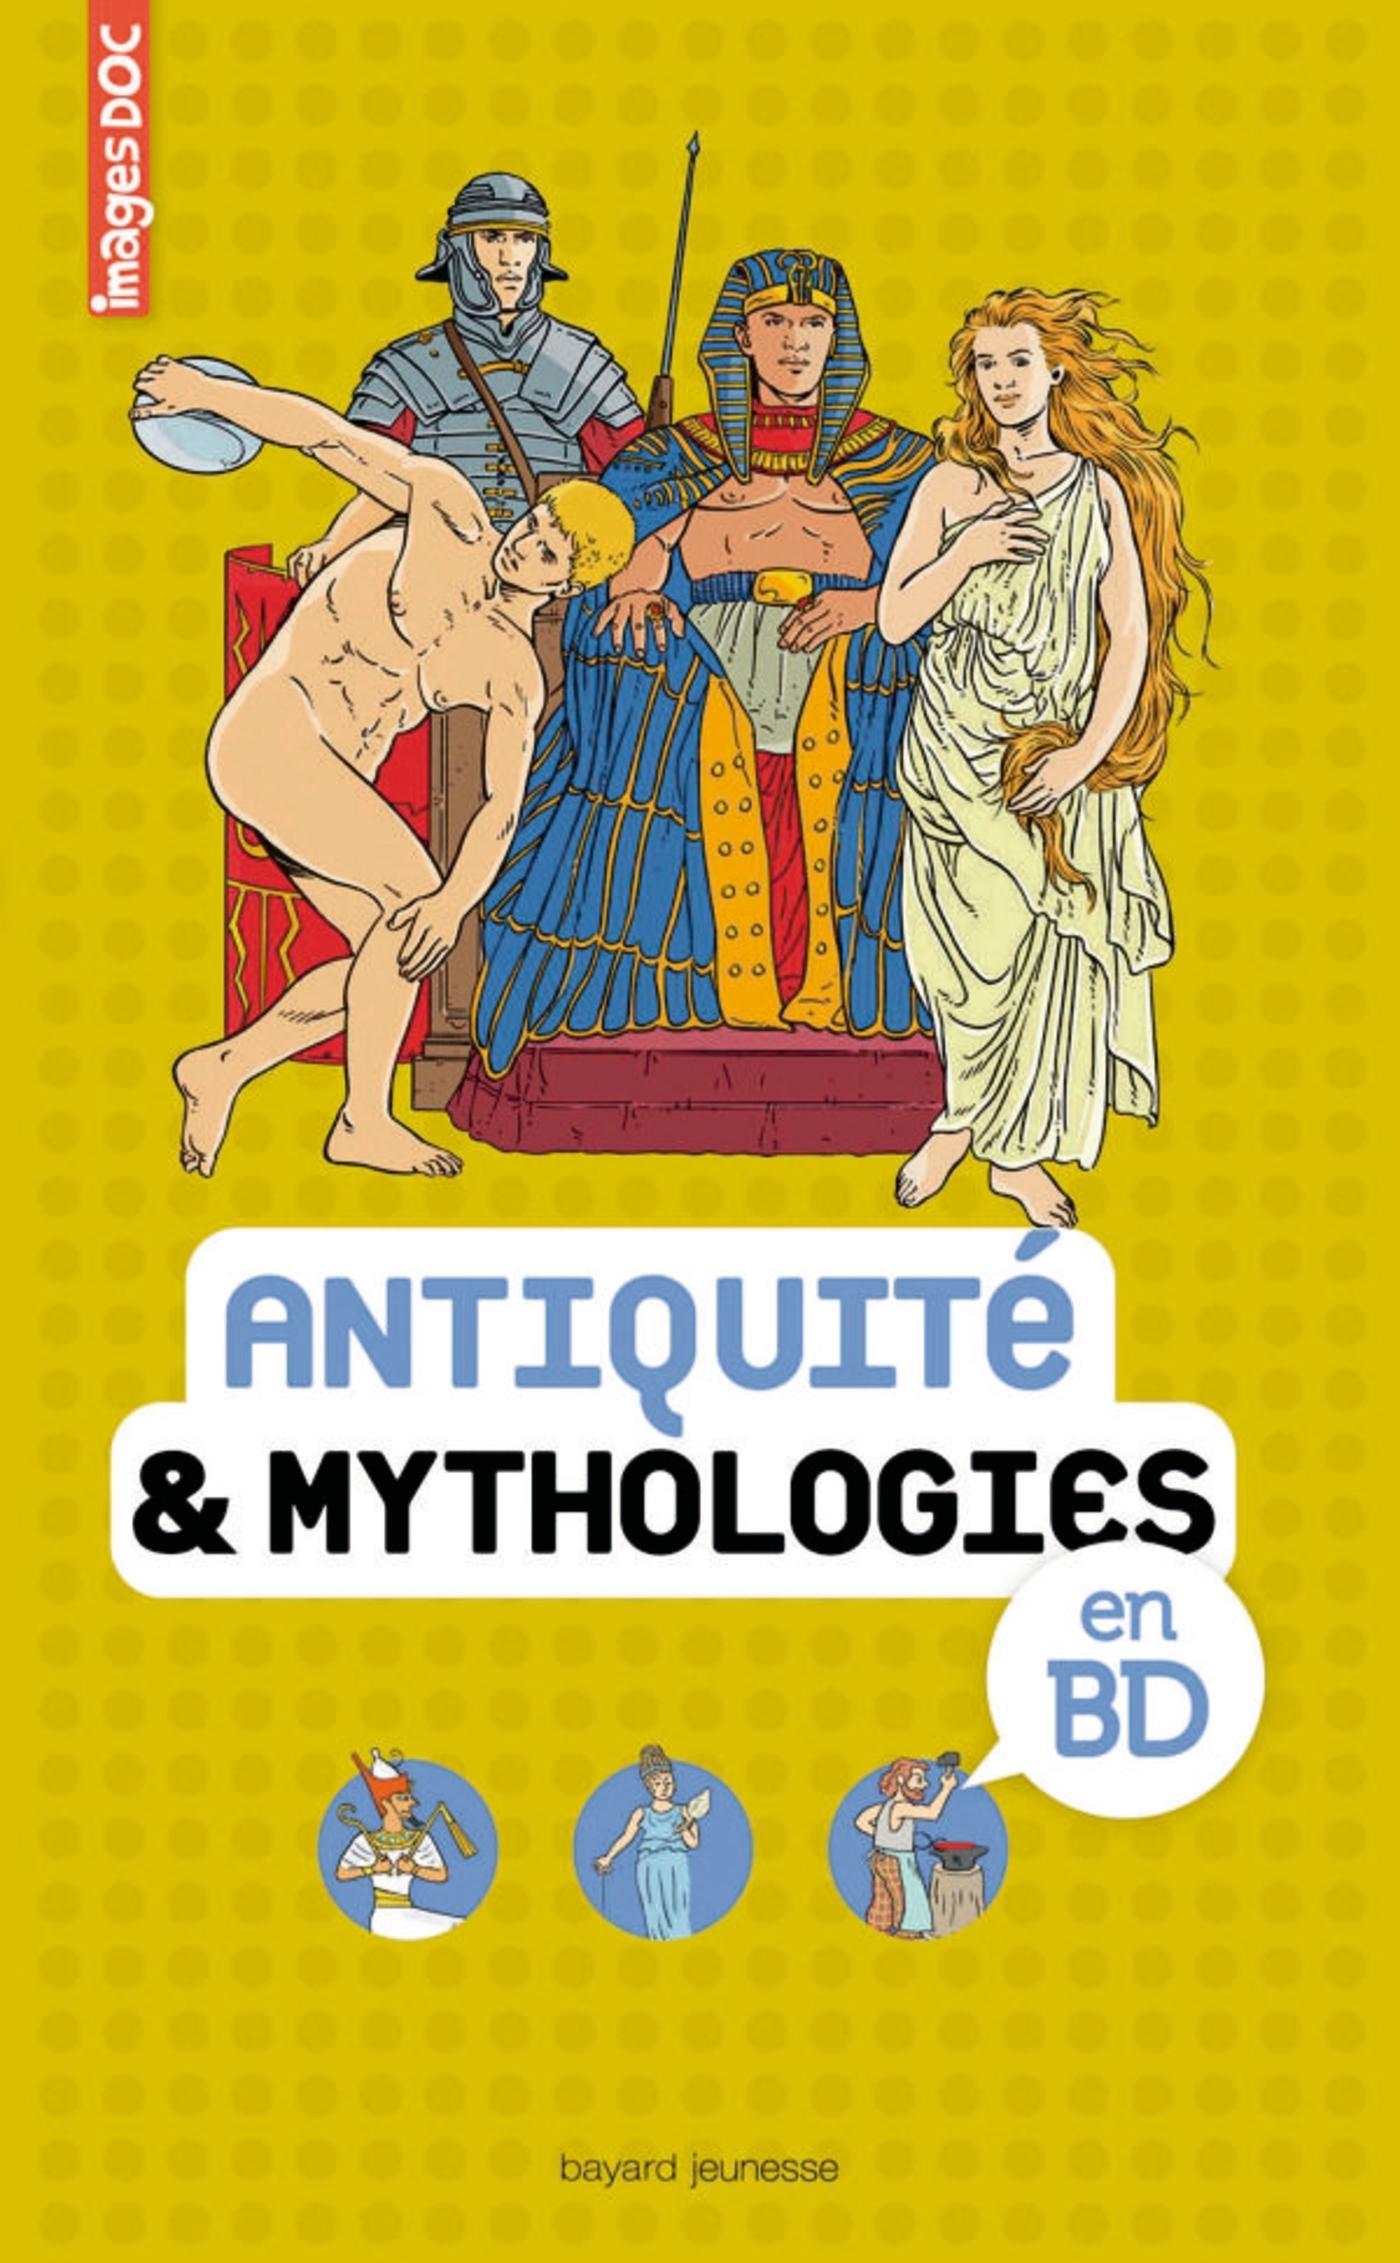 ANTIQUITE & MYTHOLOGIES EN BD